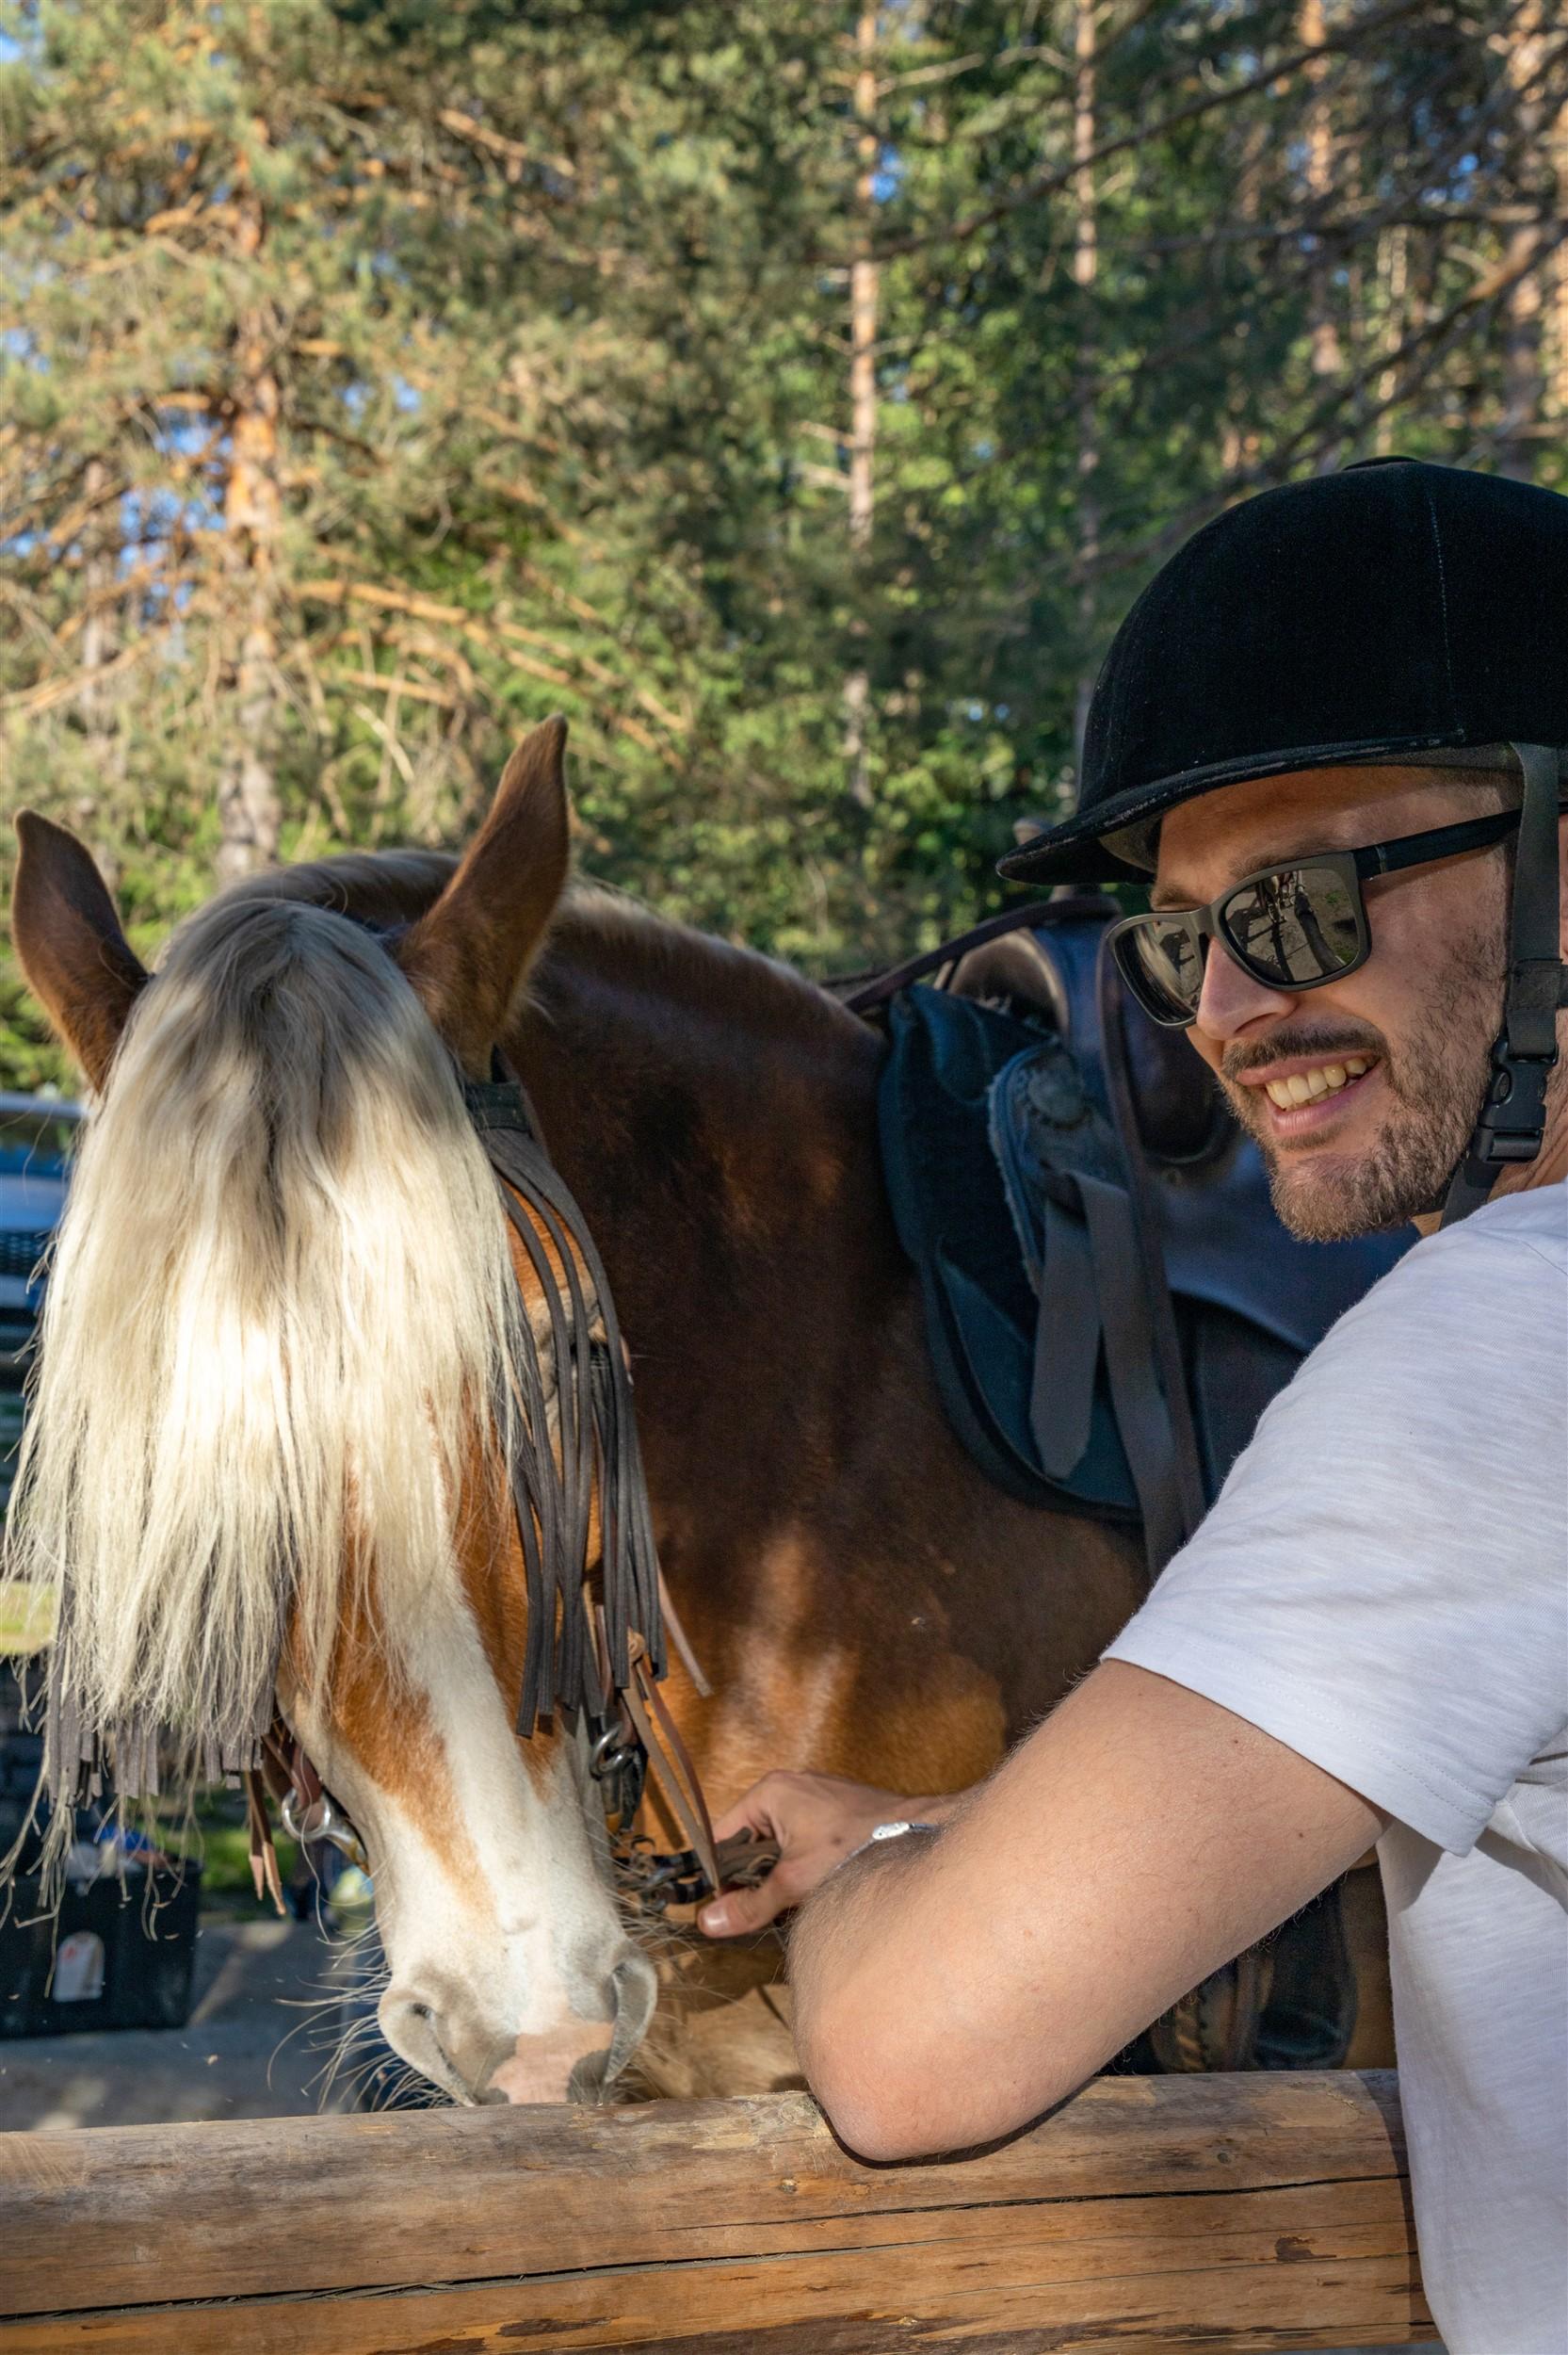 Gite a cavallo - Agriturismo Parco del Grep - Monferrato, Piemonte - ph. Marco Benedetto Cerini